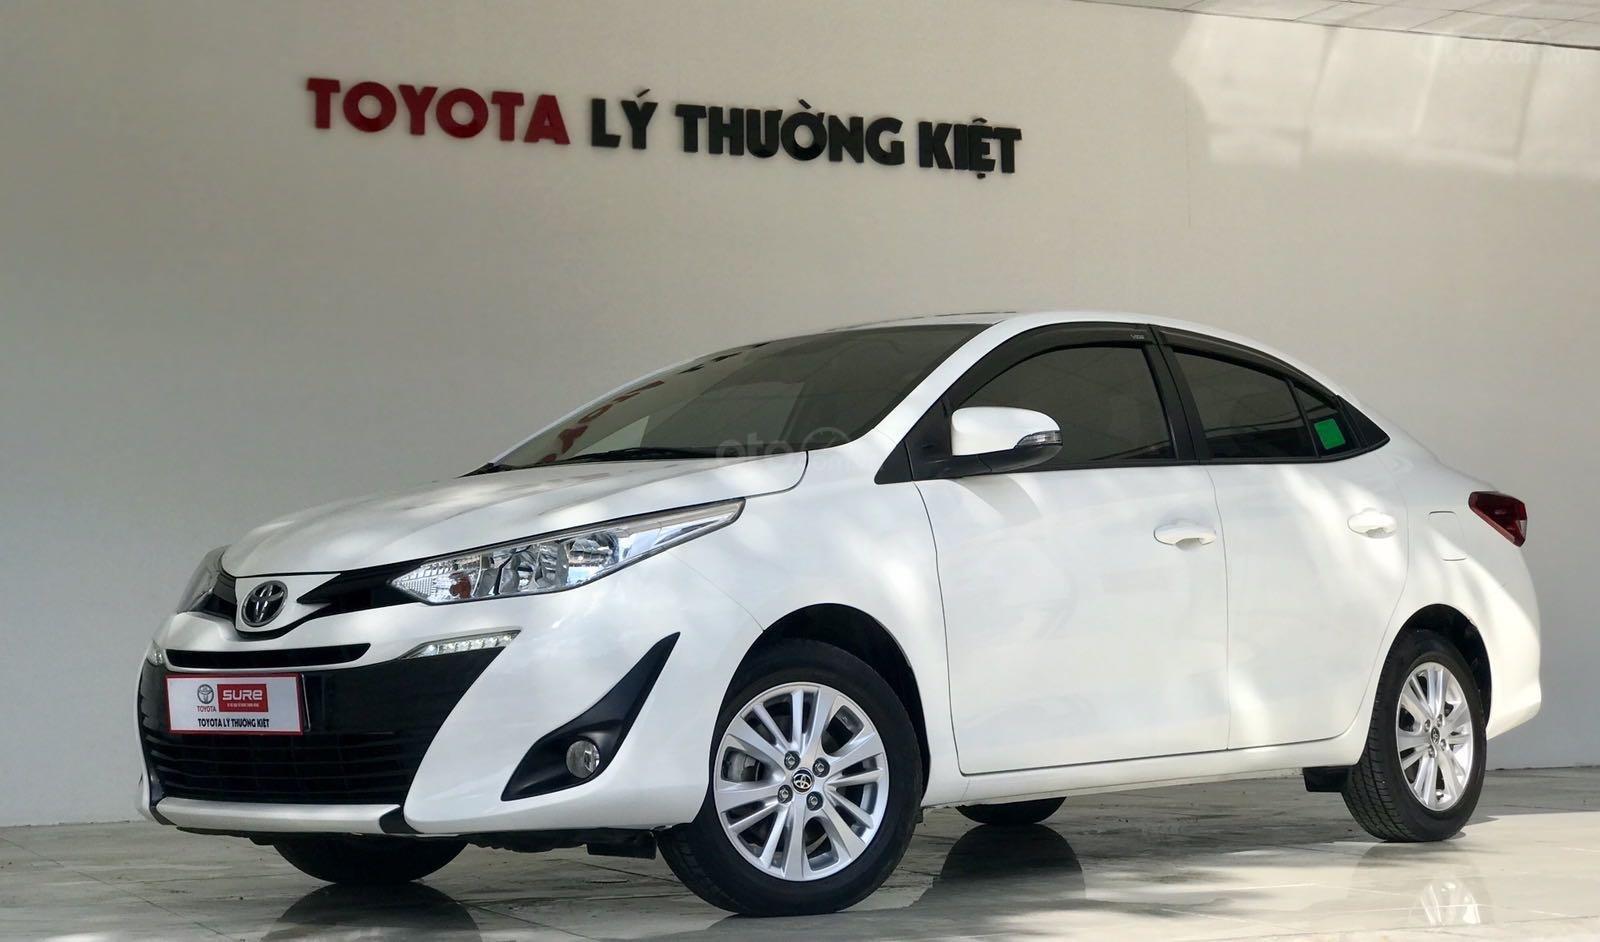 Bán xe Toyota Vios đời 2018, màu trắng xe giá tốt 480 triệu đồng (2)